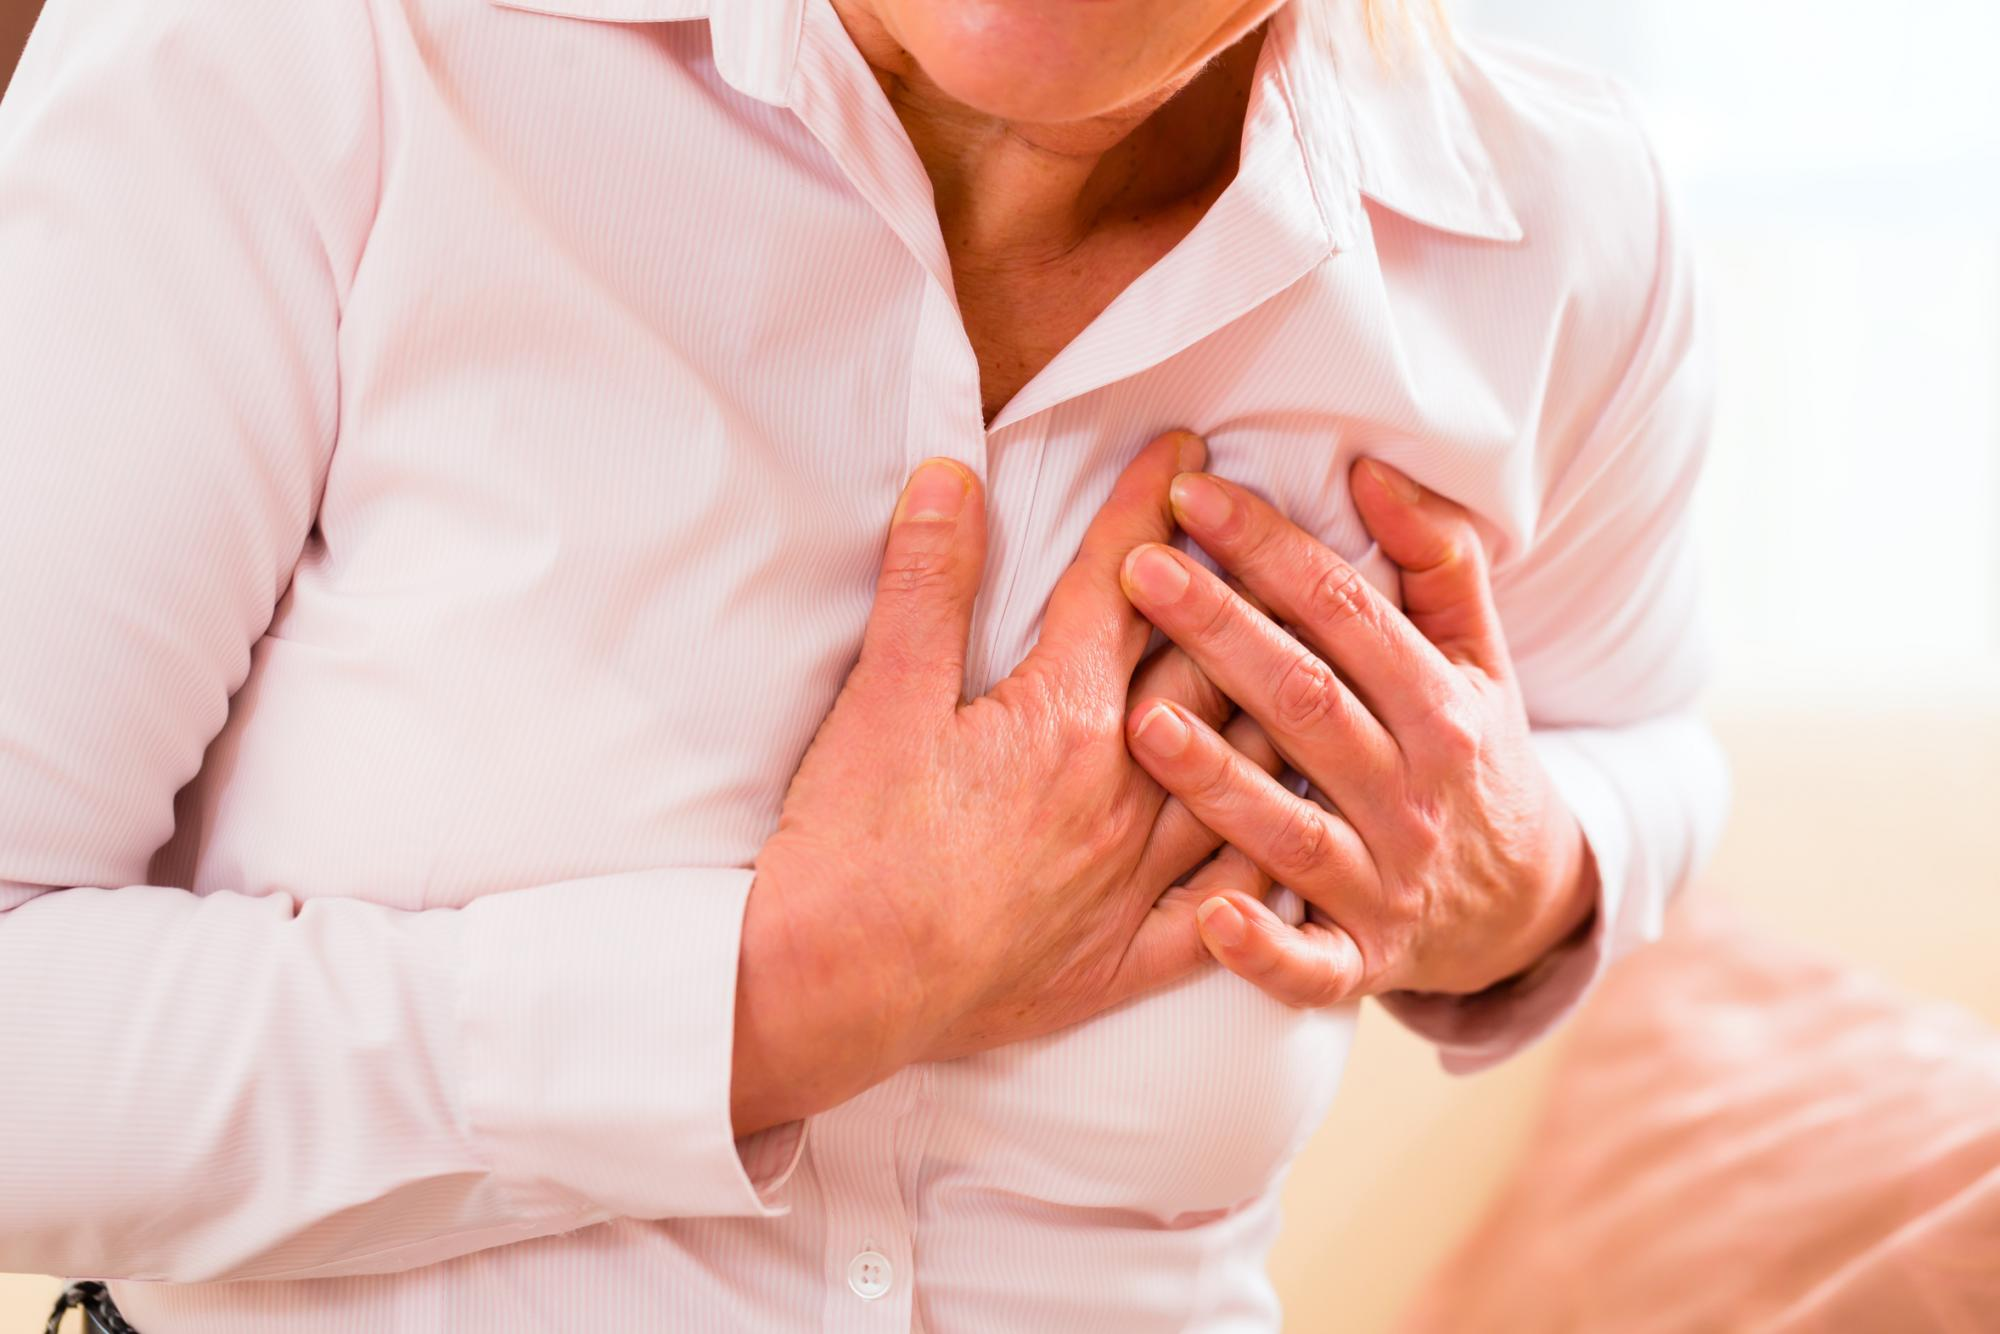 Les maladies cardiaques, première cause de mortalité au Maroc